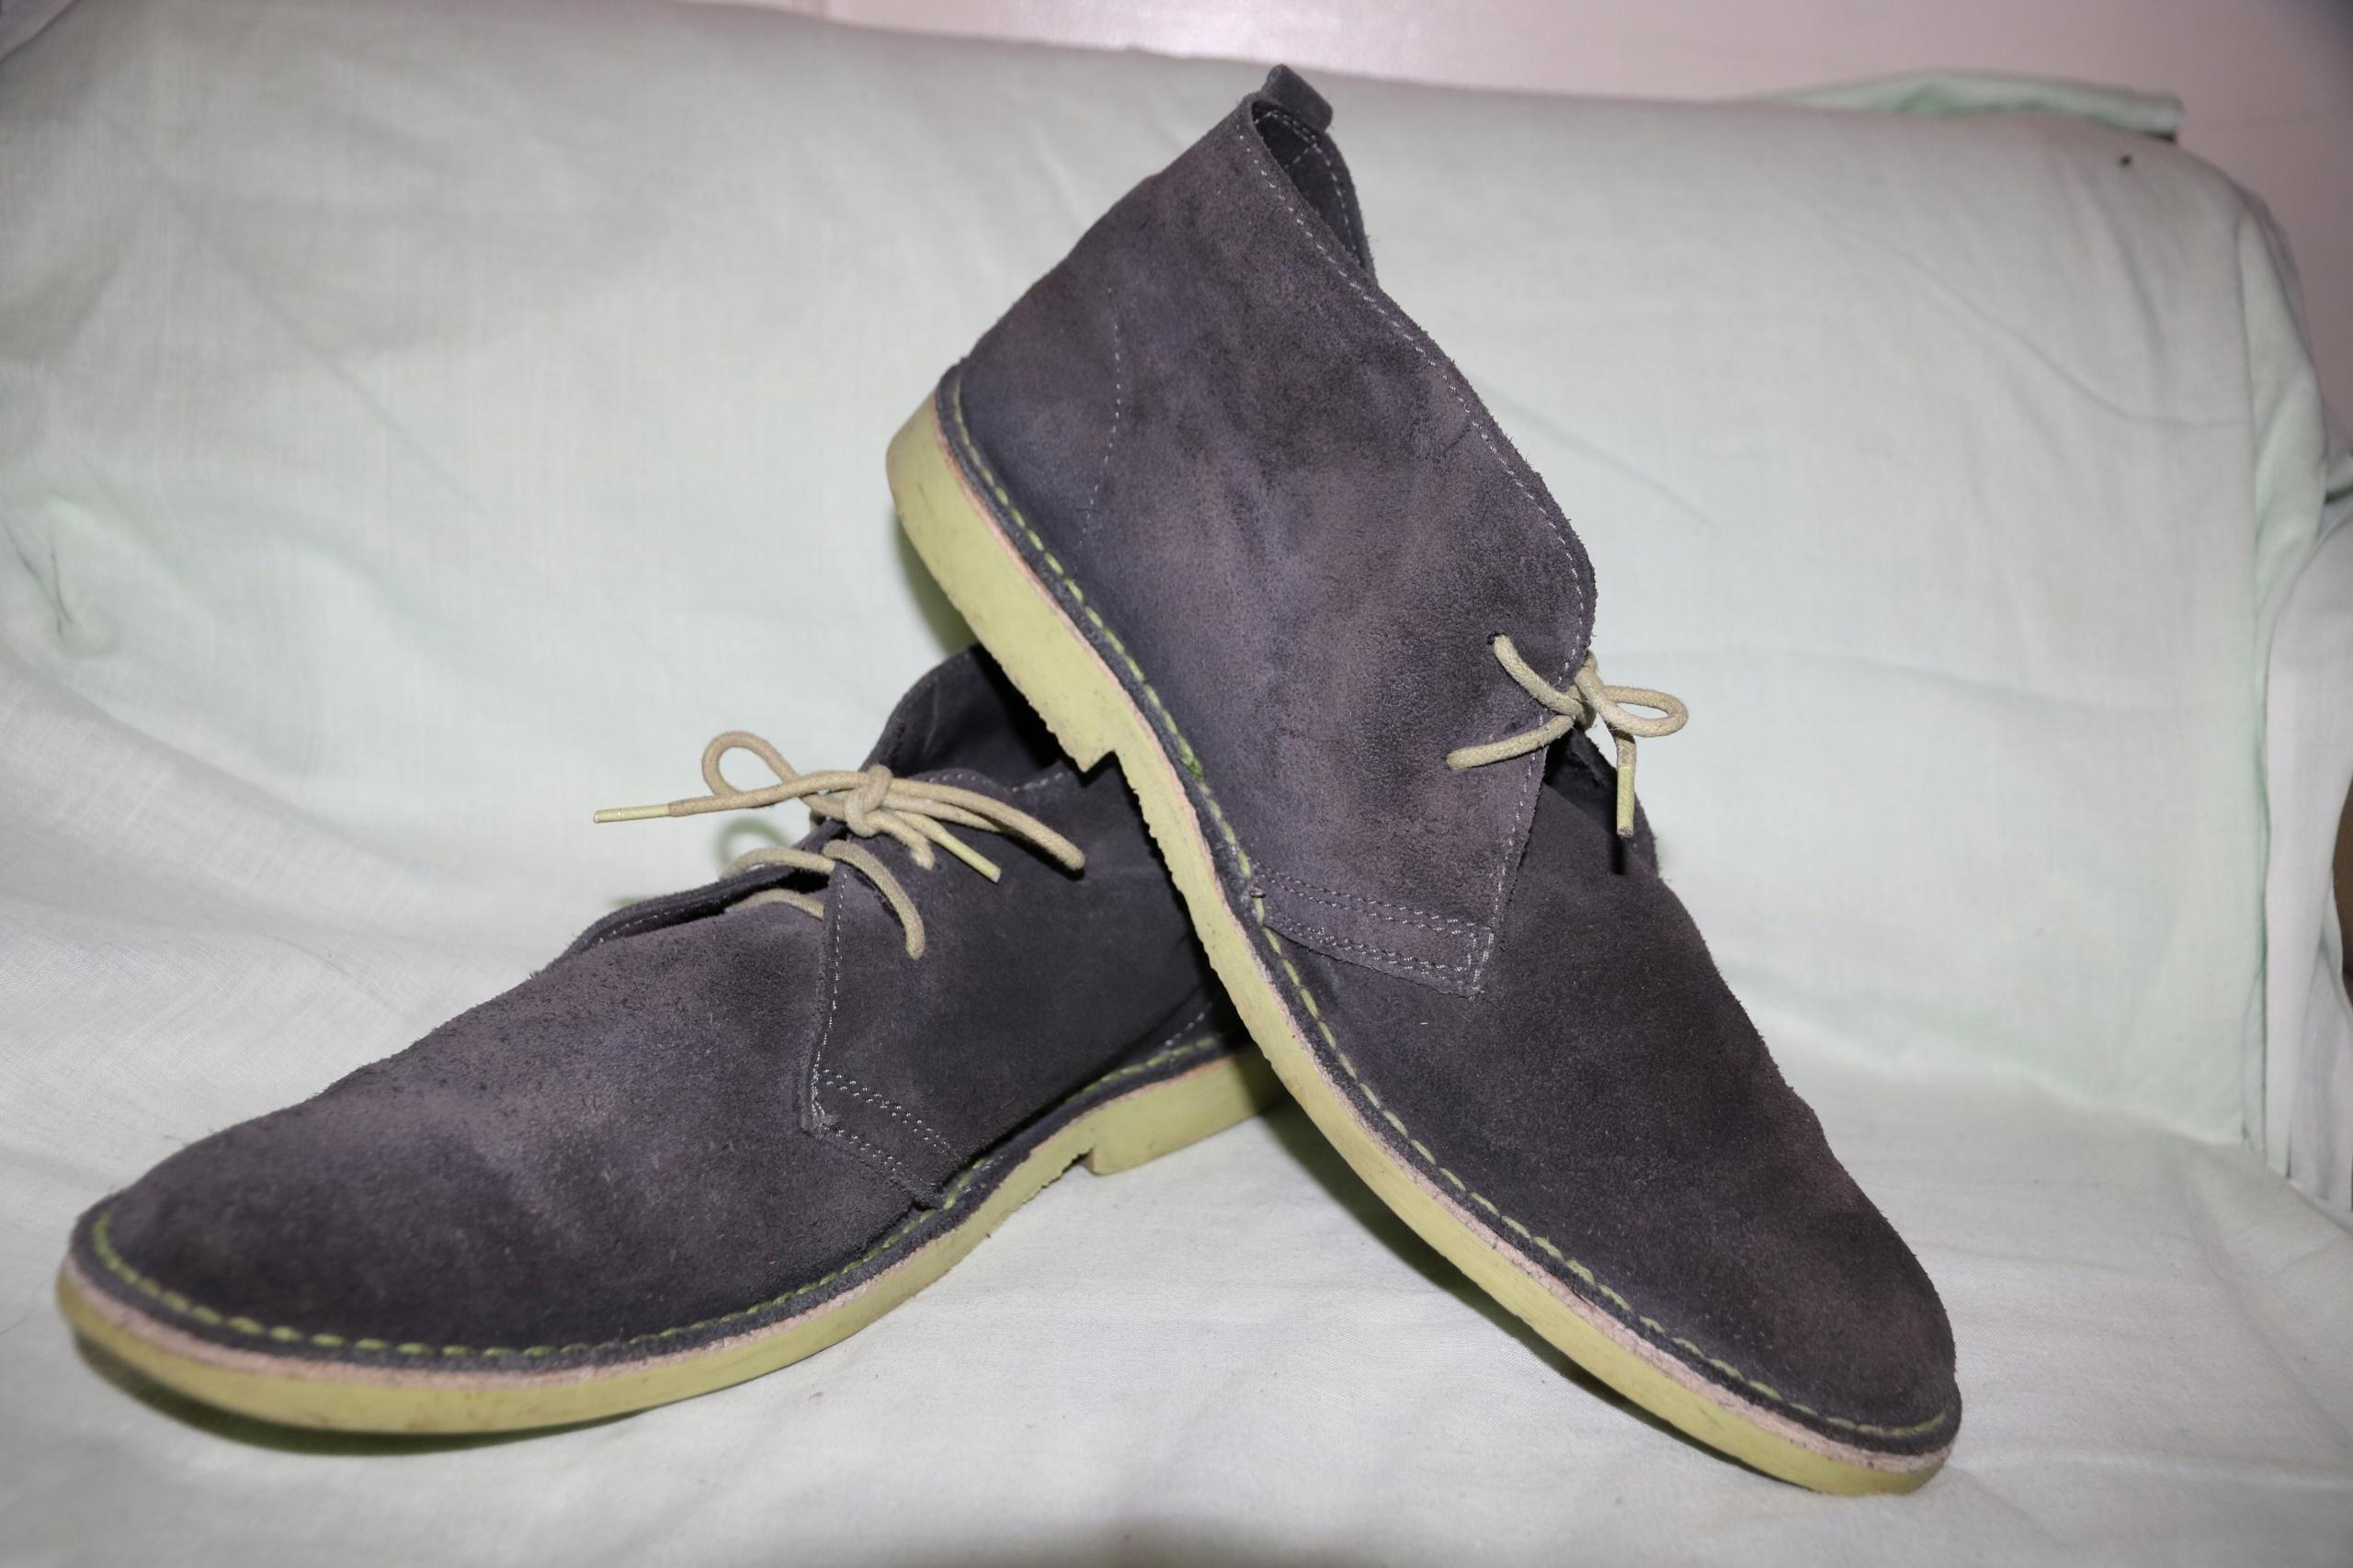 Next buty zamszowe nr.44 dł. 29 cm